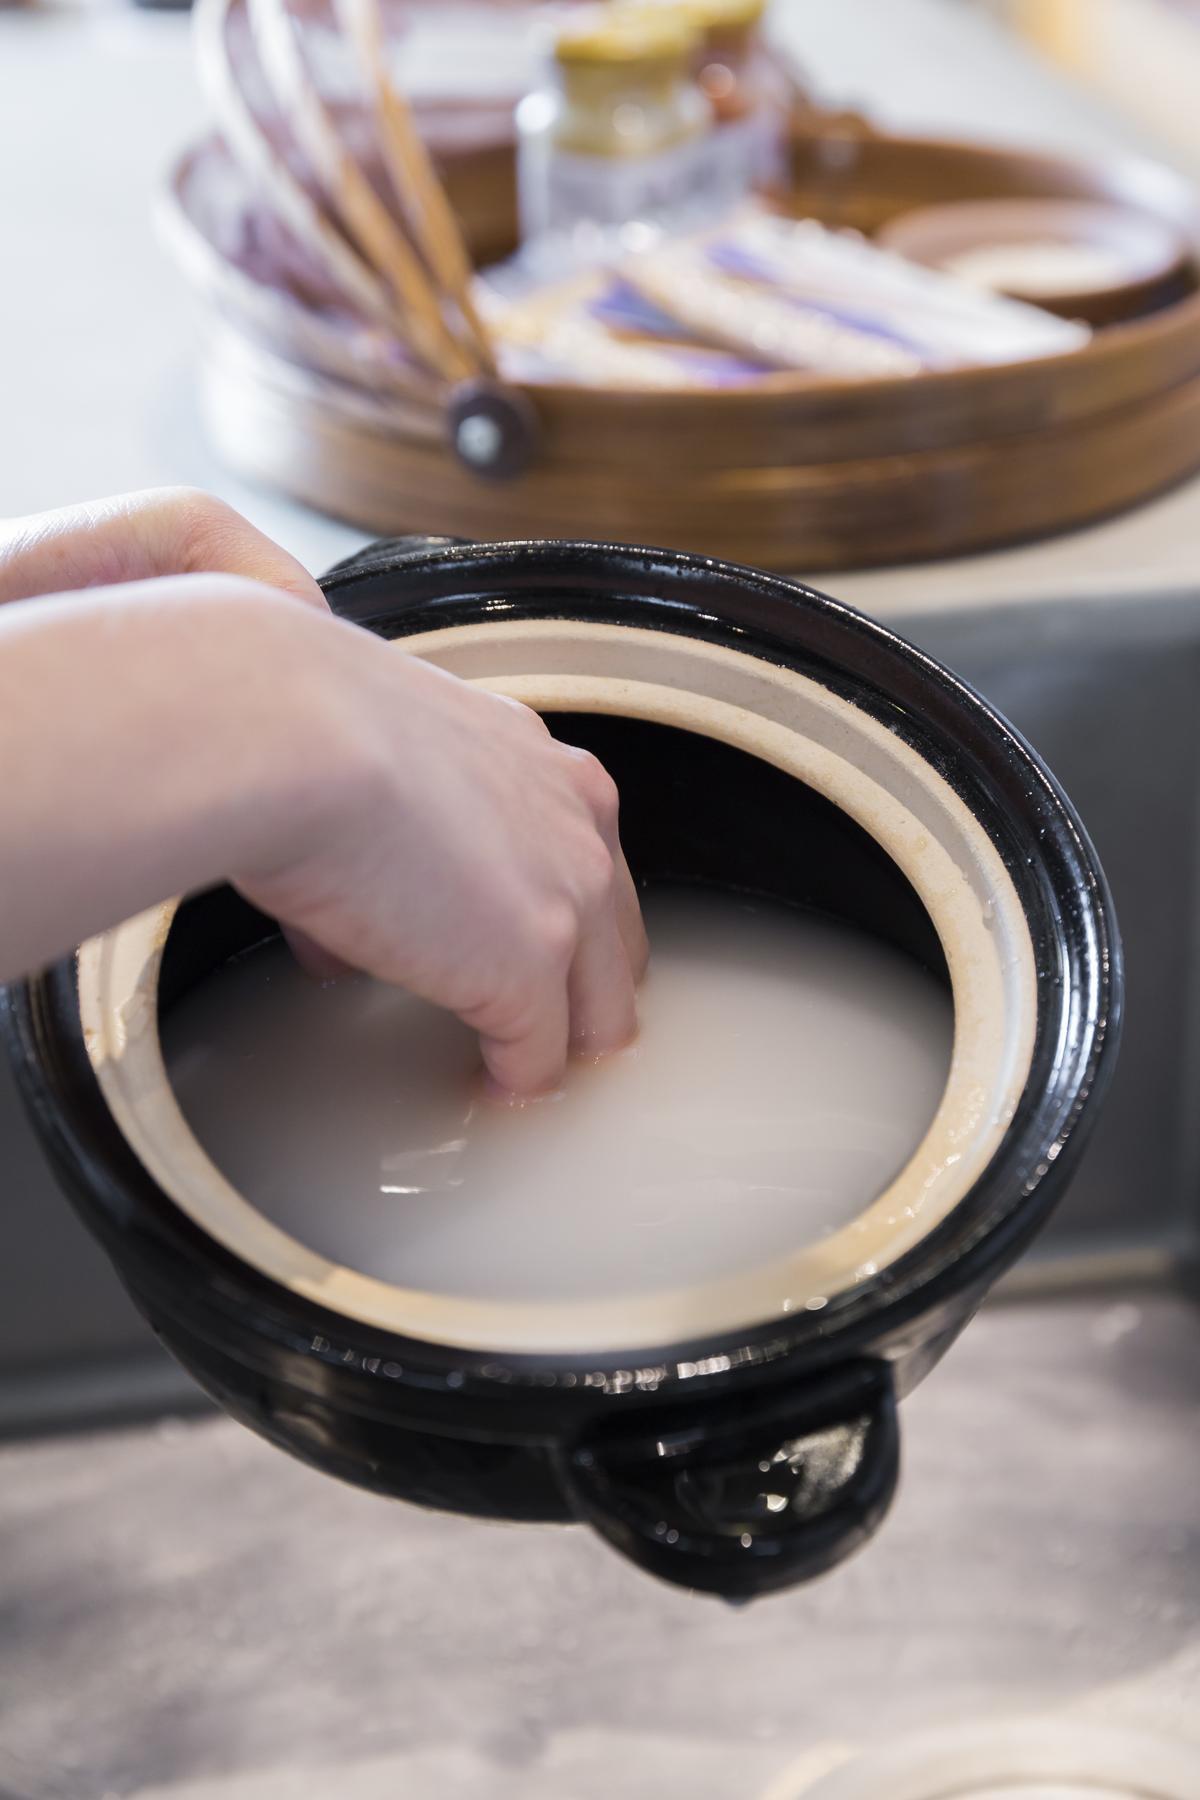 洗米時用單手輕柔攪拌,不要搓洗。